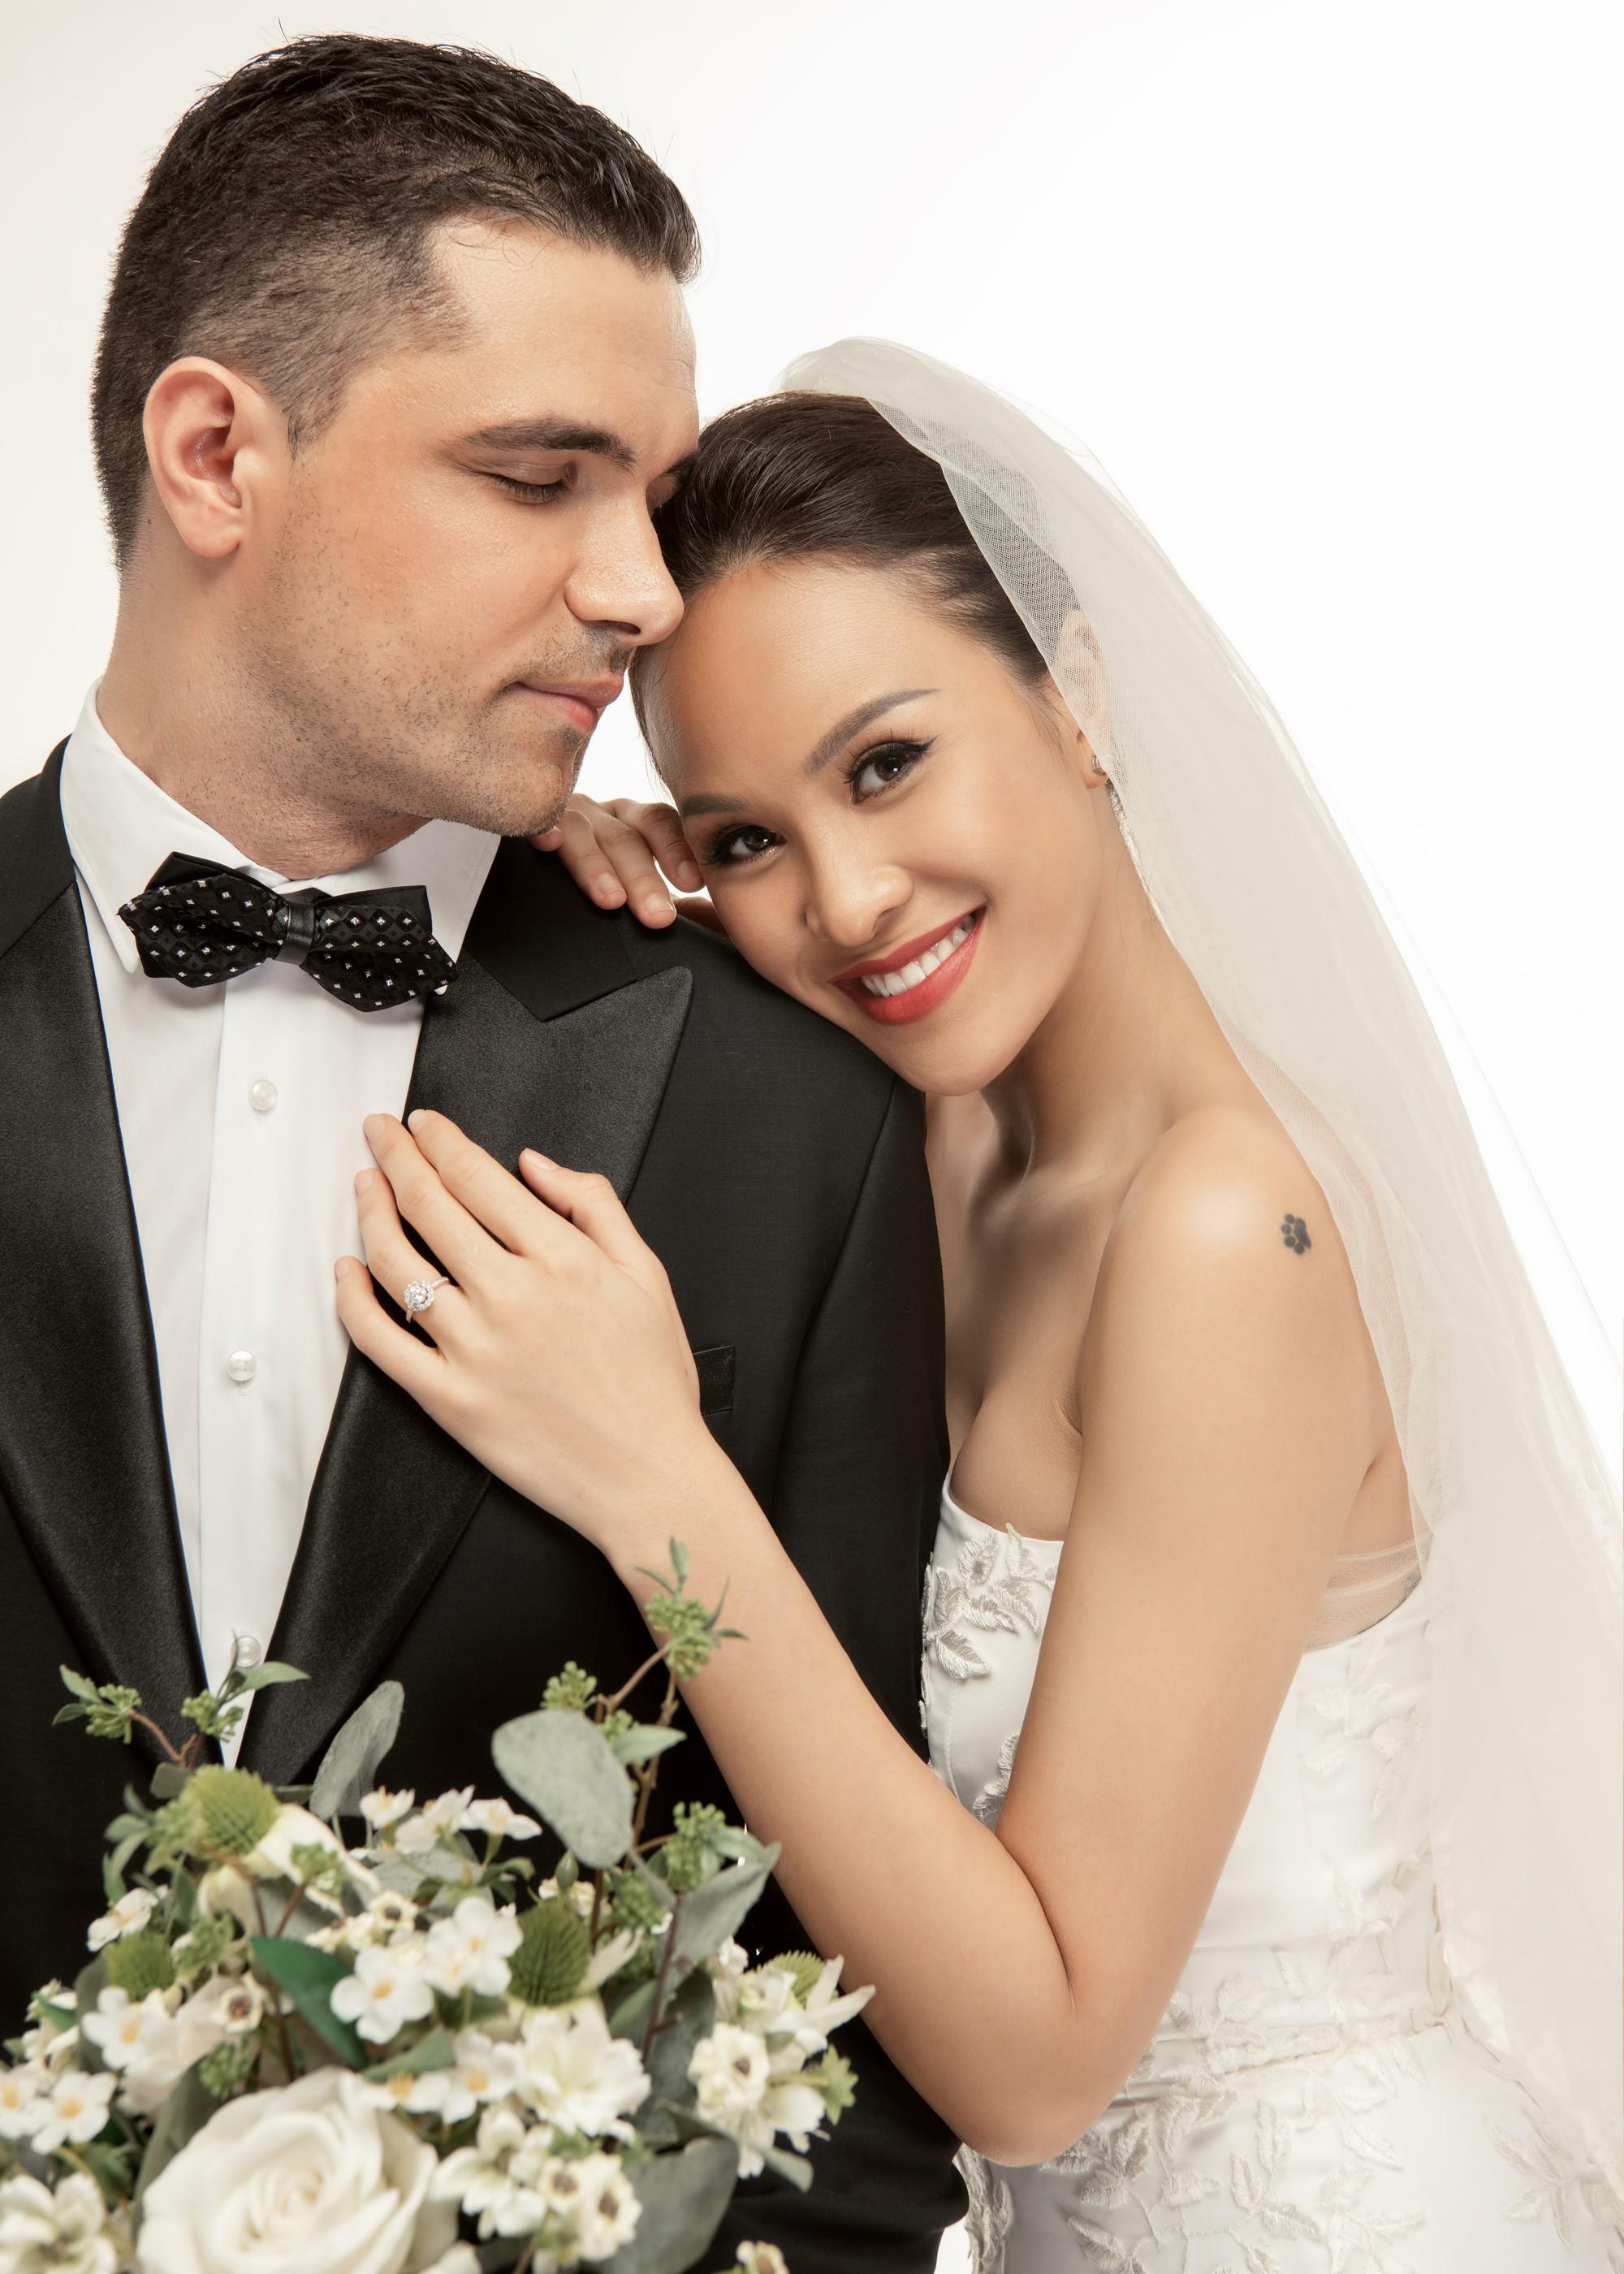 Trọn bộ ảnh cưới ngọt ngào đến tan chảy của Phương Mai và chồng Tây đẹp trai như tài tử - Ảnh 6.